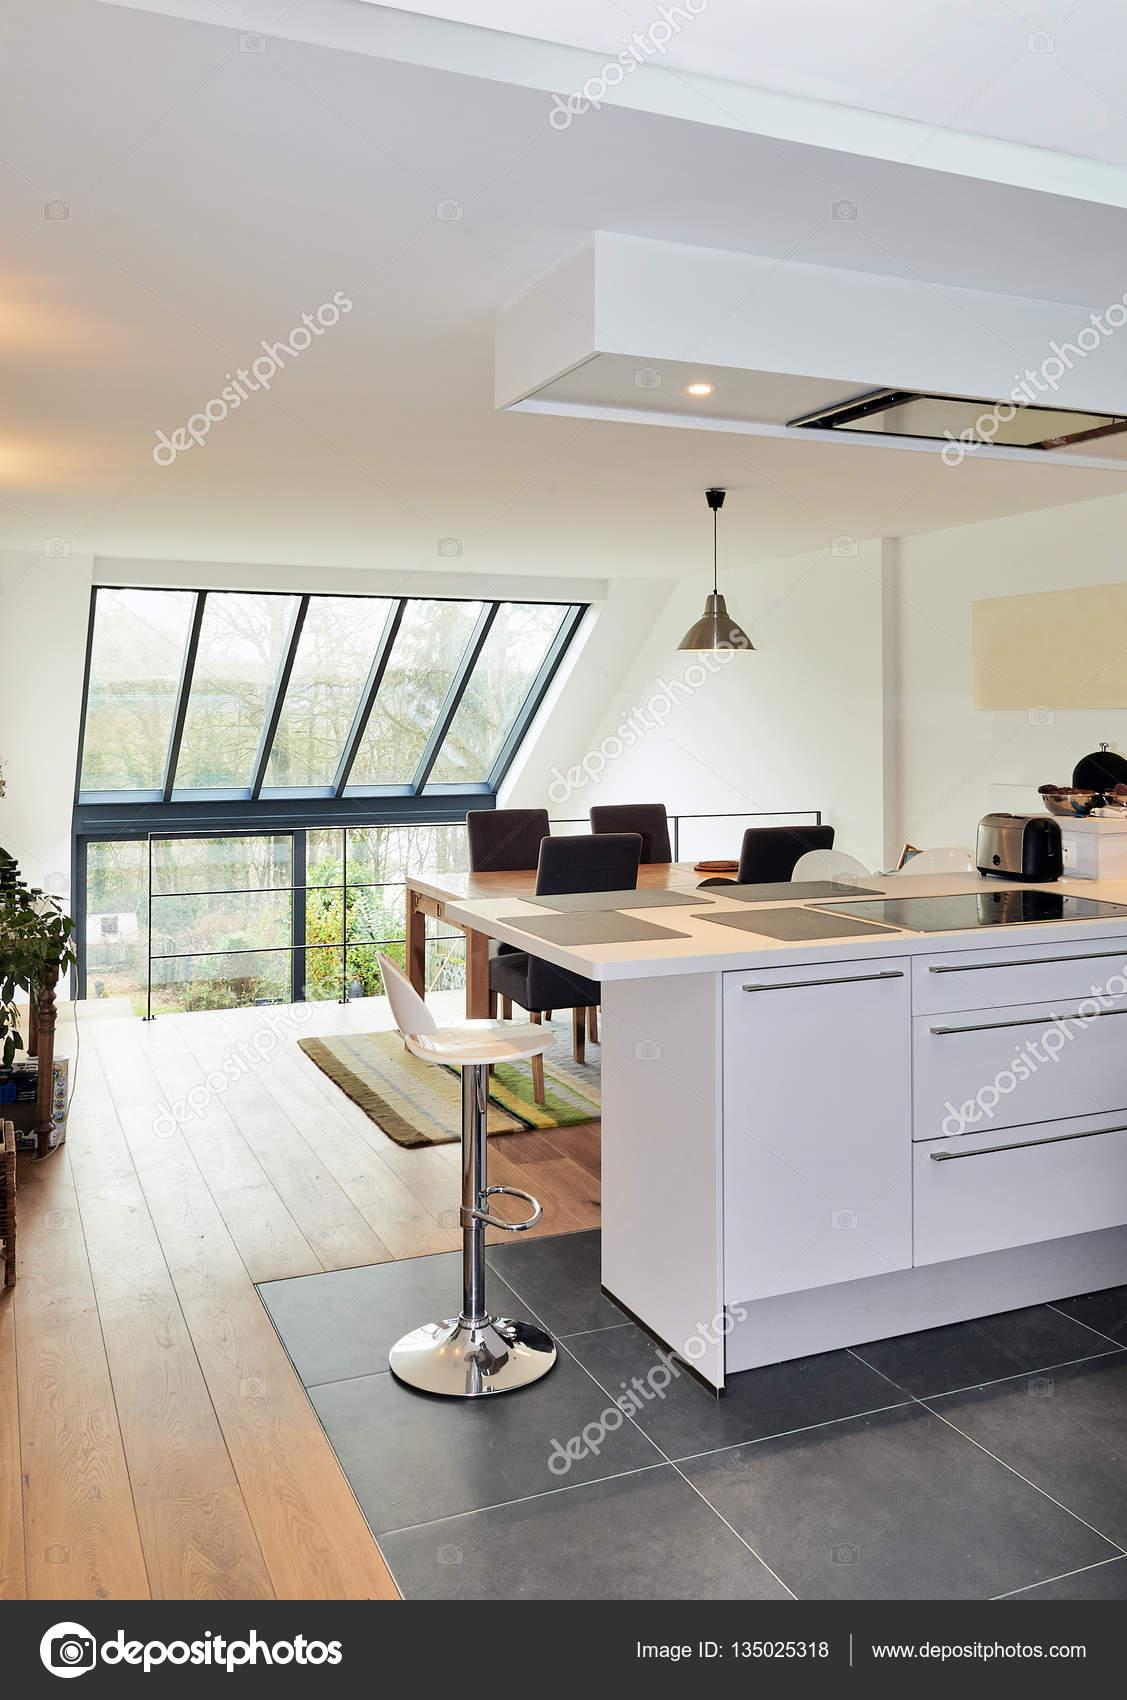 Cuisine ouverte moderne dans maison rénovée — Photographie Bombaert ...